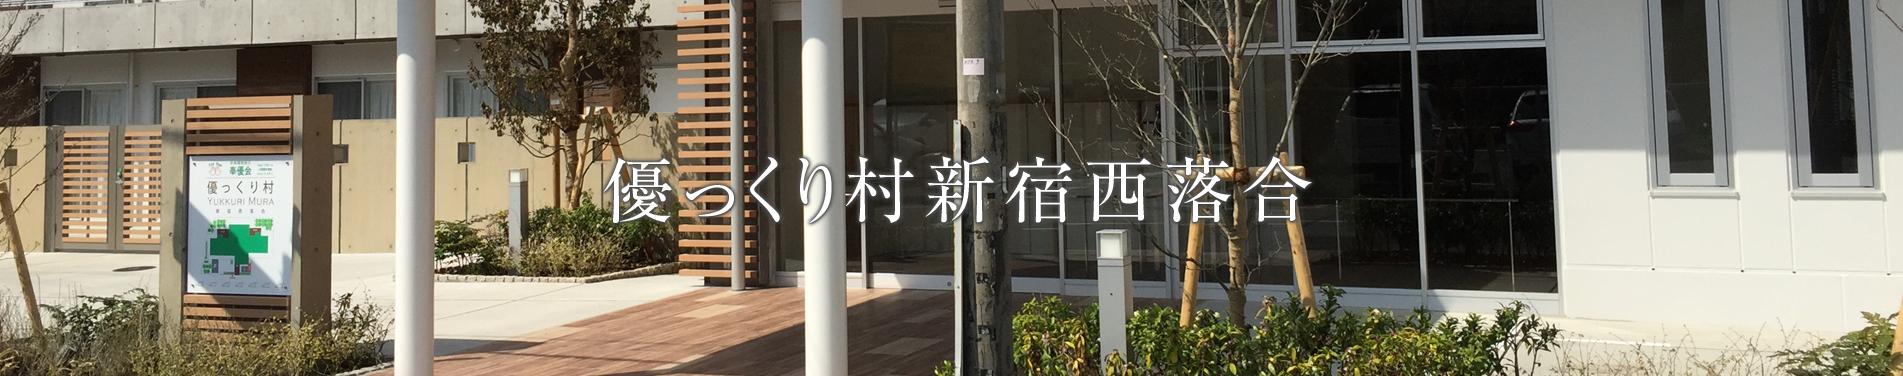 優っくり村新宿西落合